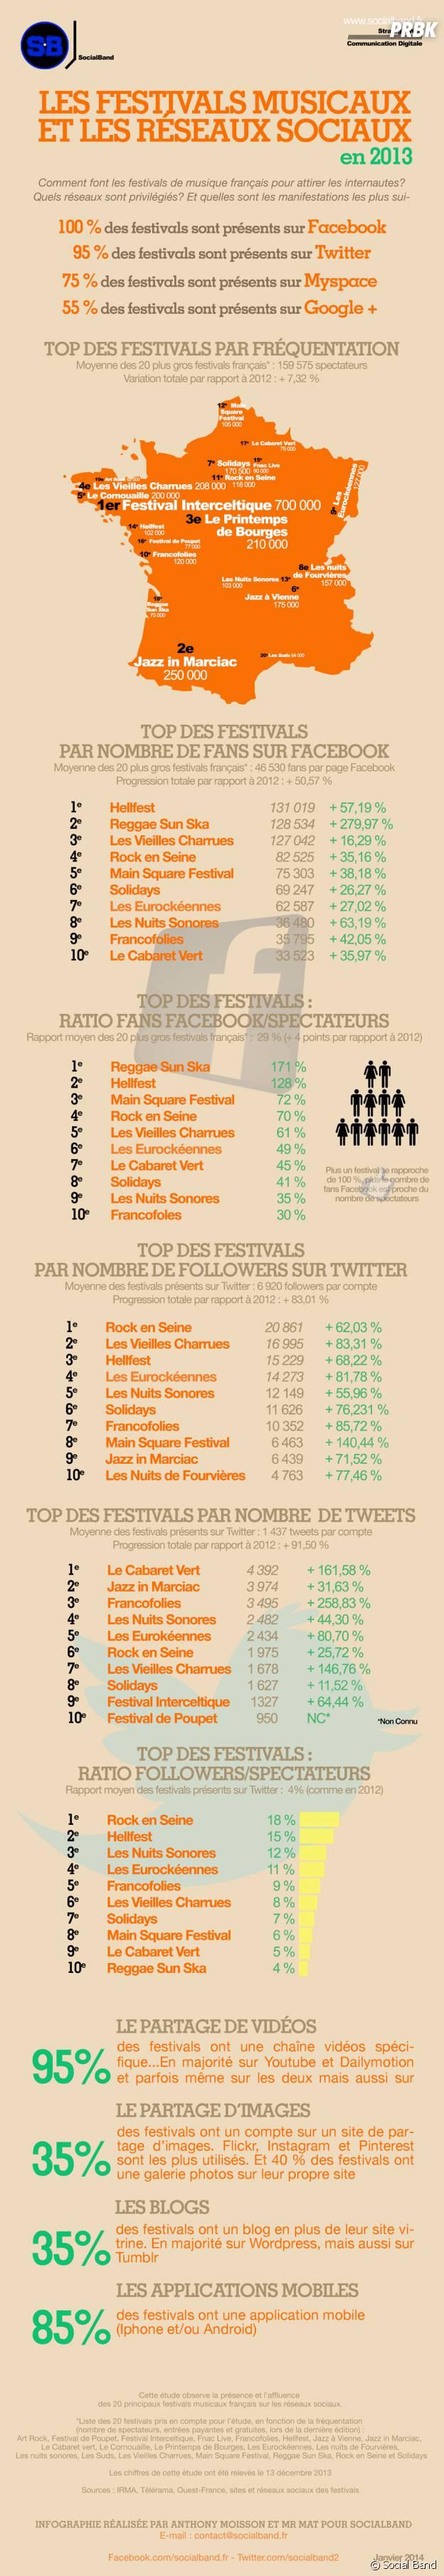 Rock en Seine, Hellfest, Solidays... : l'étude de Social Band sur la présence et l'affluence des 20 principaux festivals de musique sur les réseaux sociaux